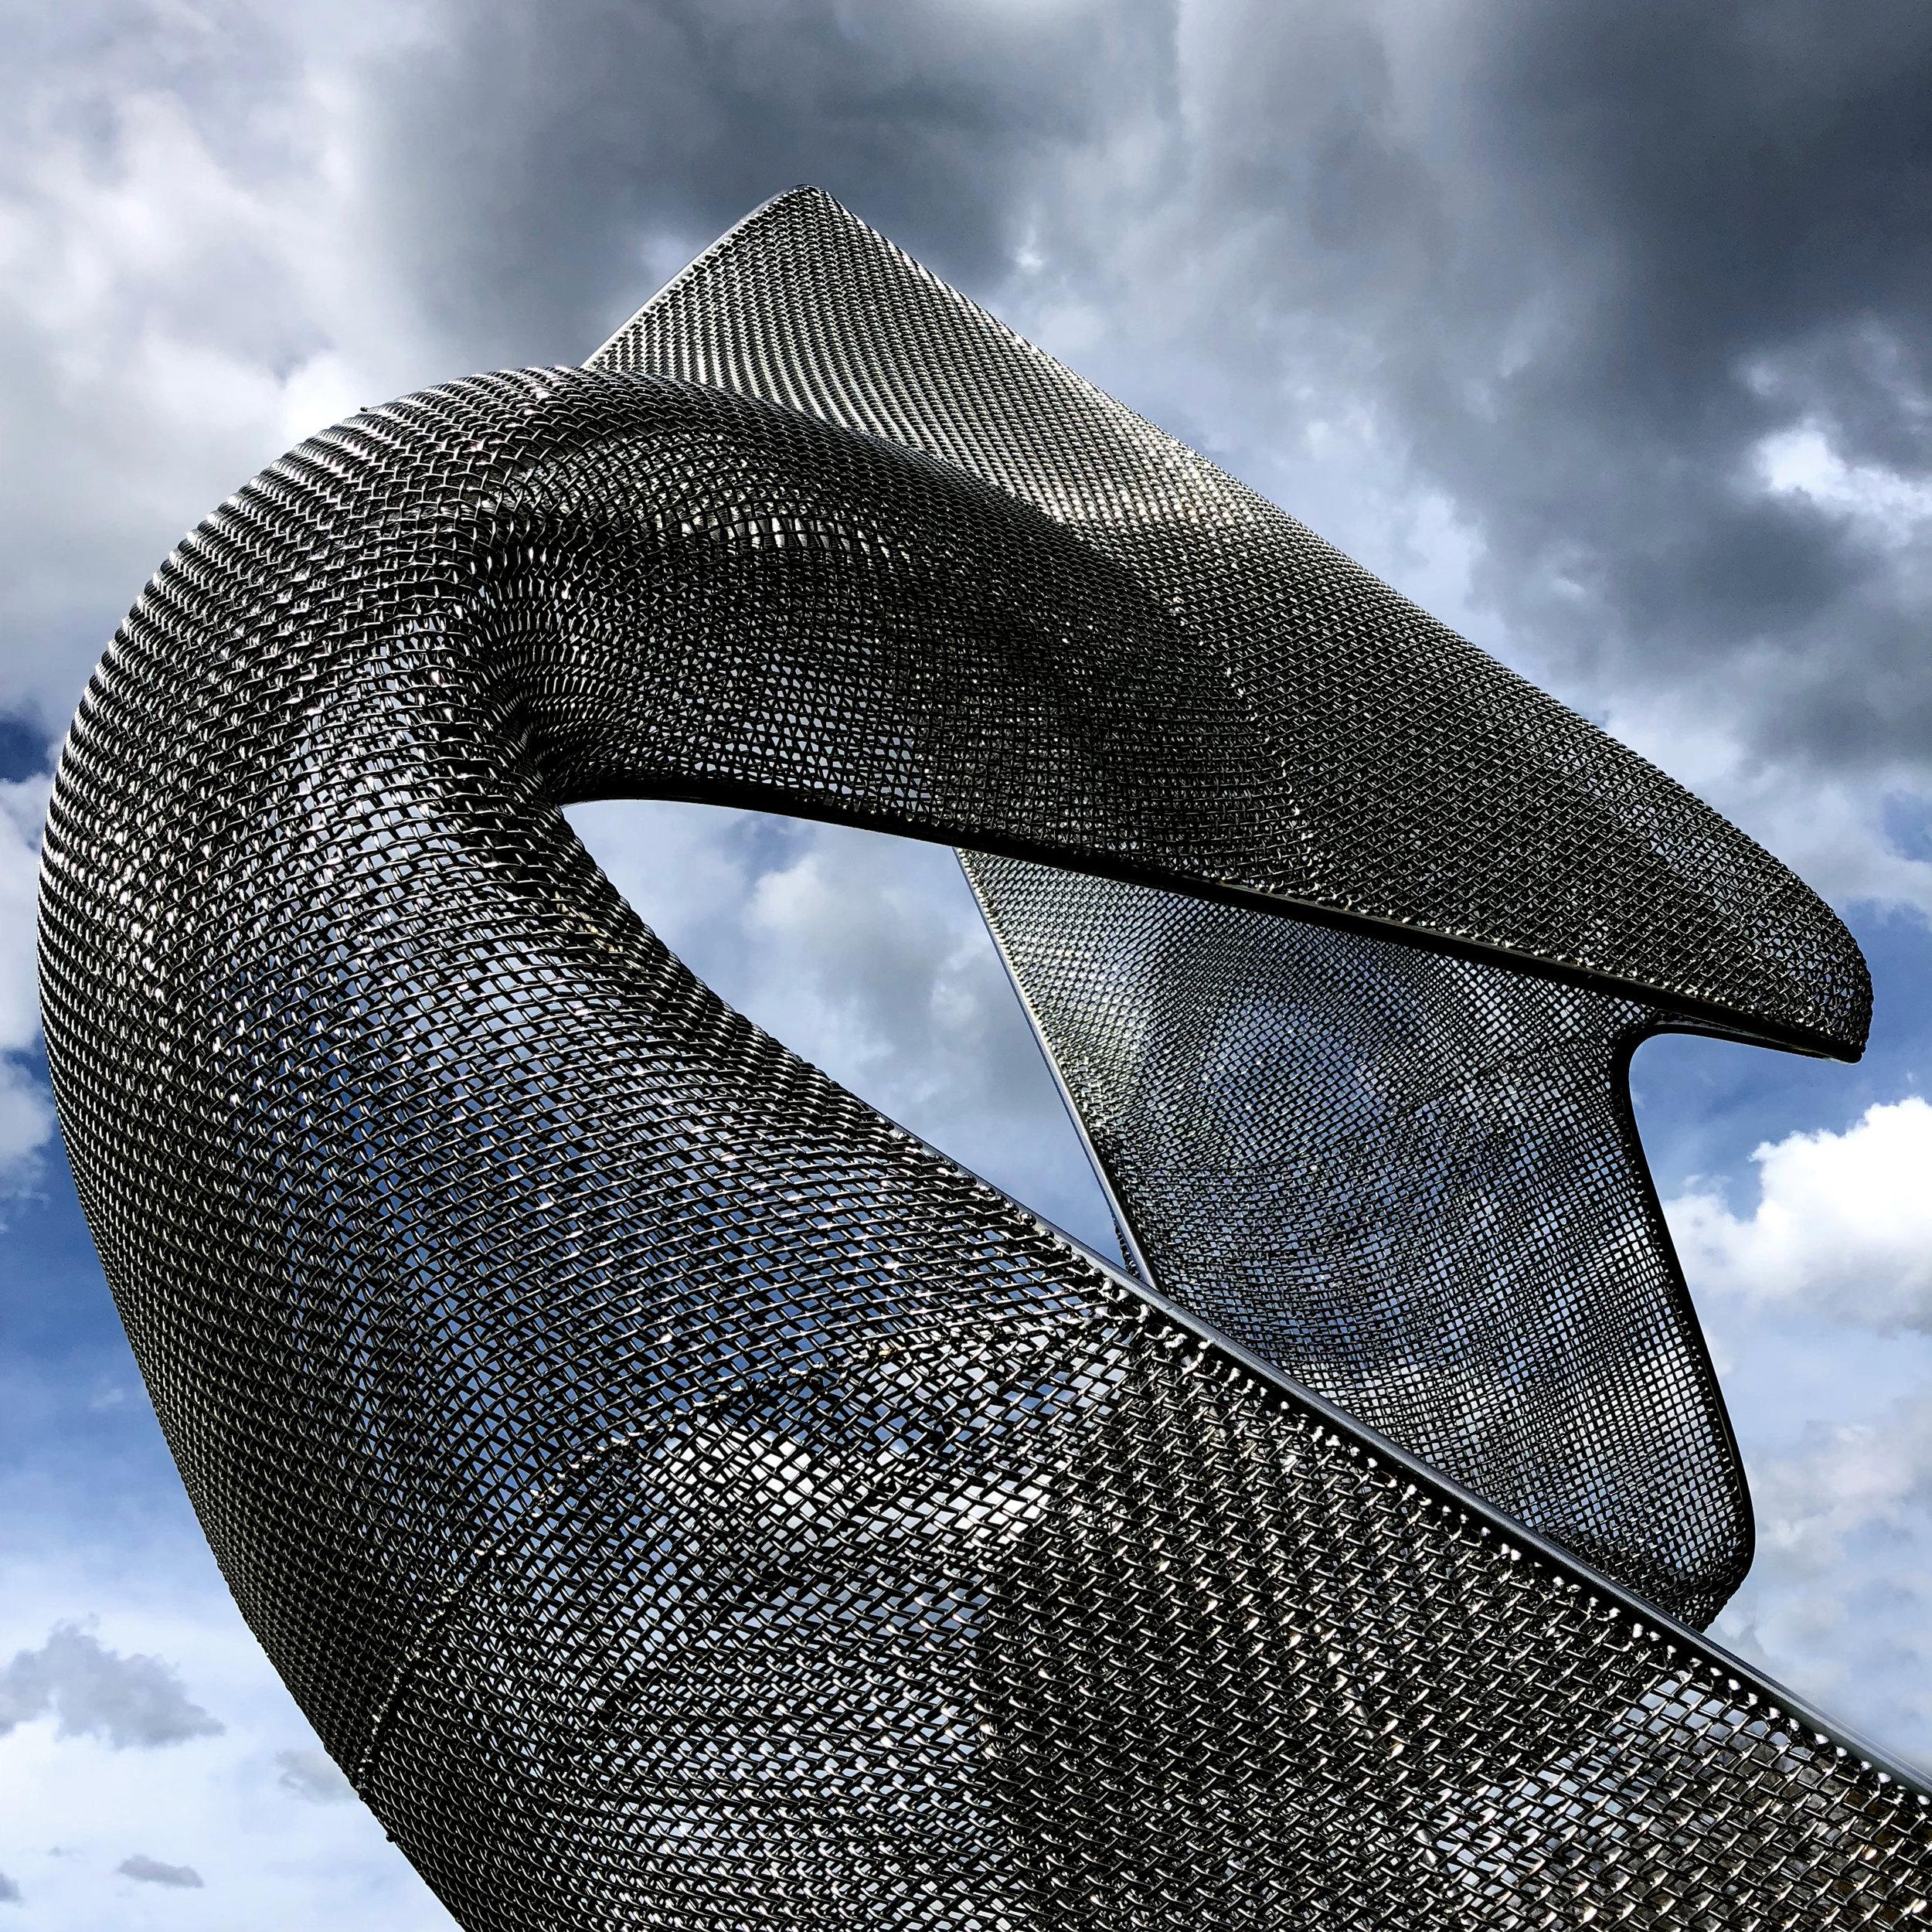 Les gigantesques sculptures métalliques d'Erich Hauser, à Rottweil